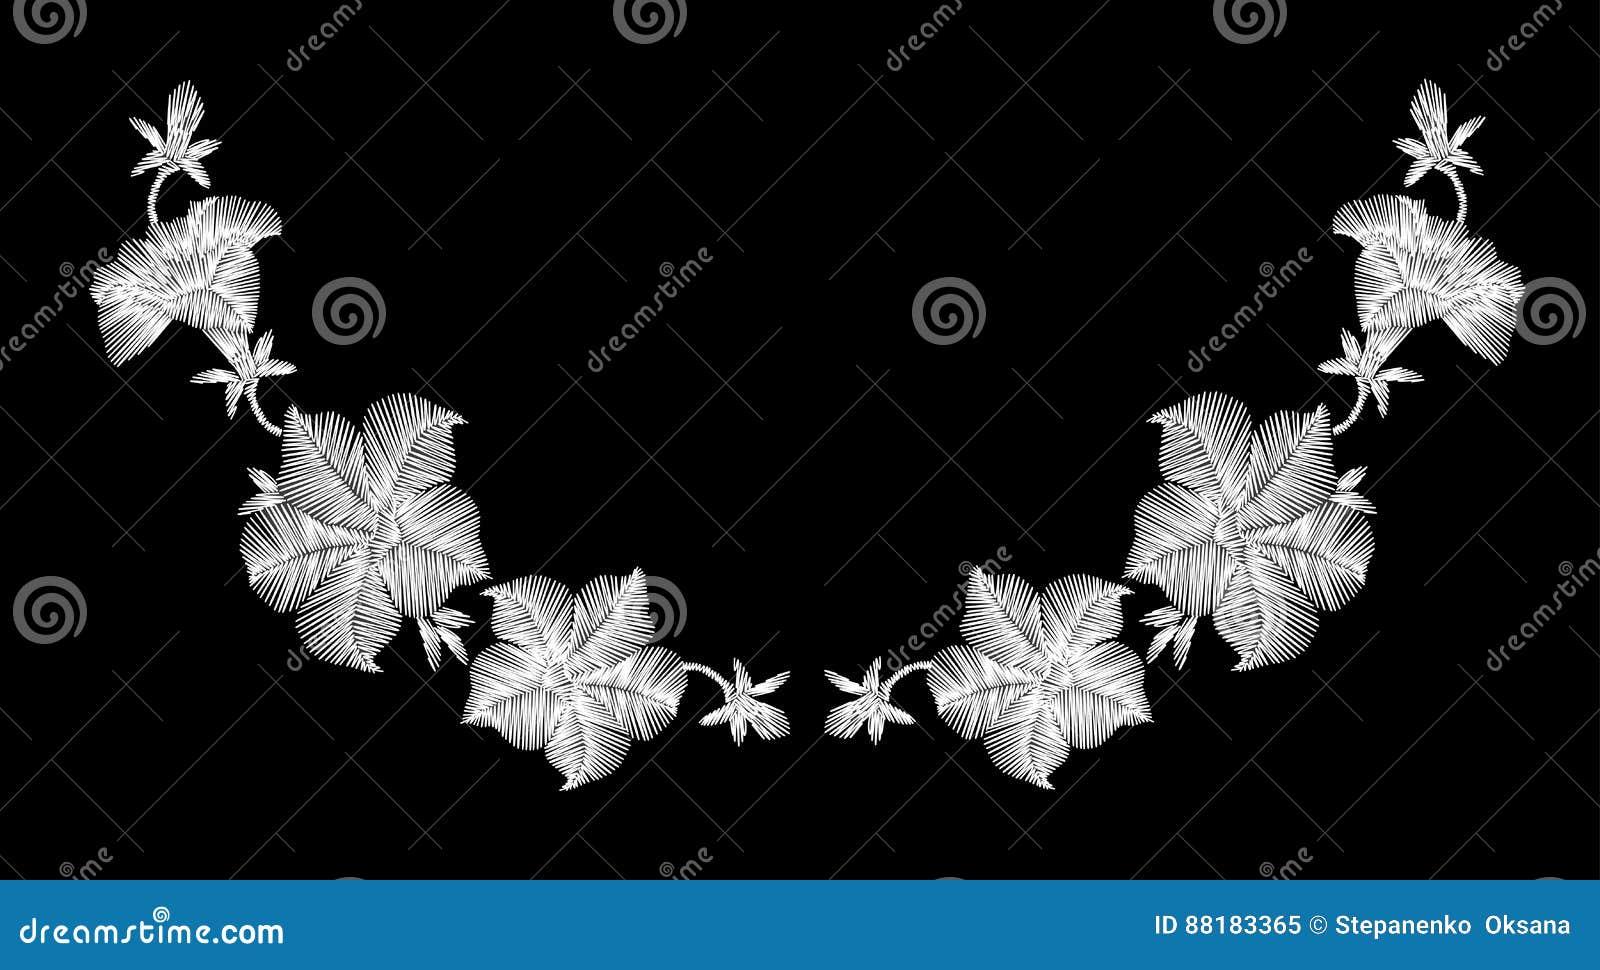 Полевые цветки вышивки белые на черной предпосылке Имитационный шнурок украшение модной одежды картина традиционная